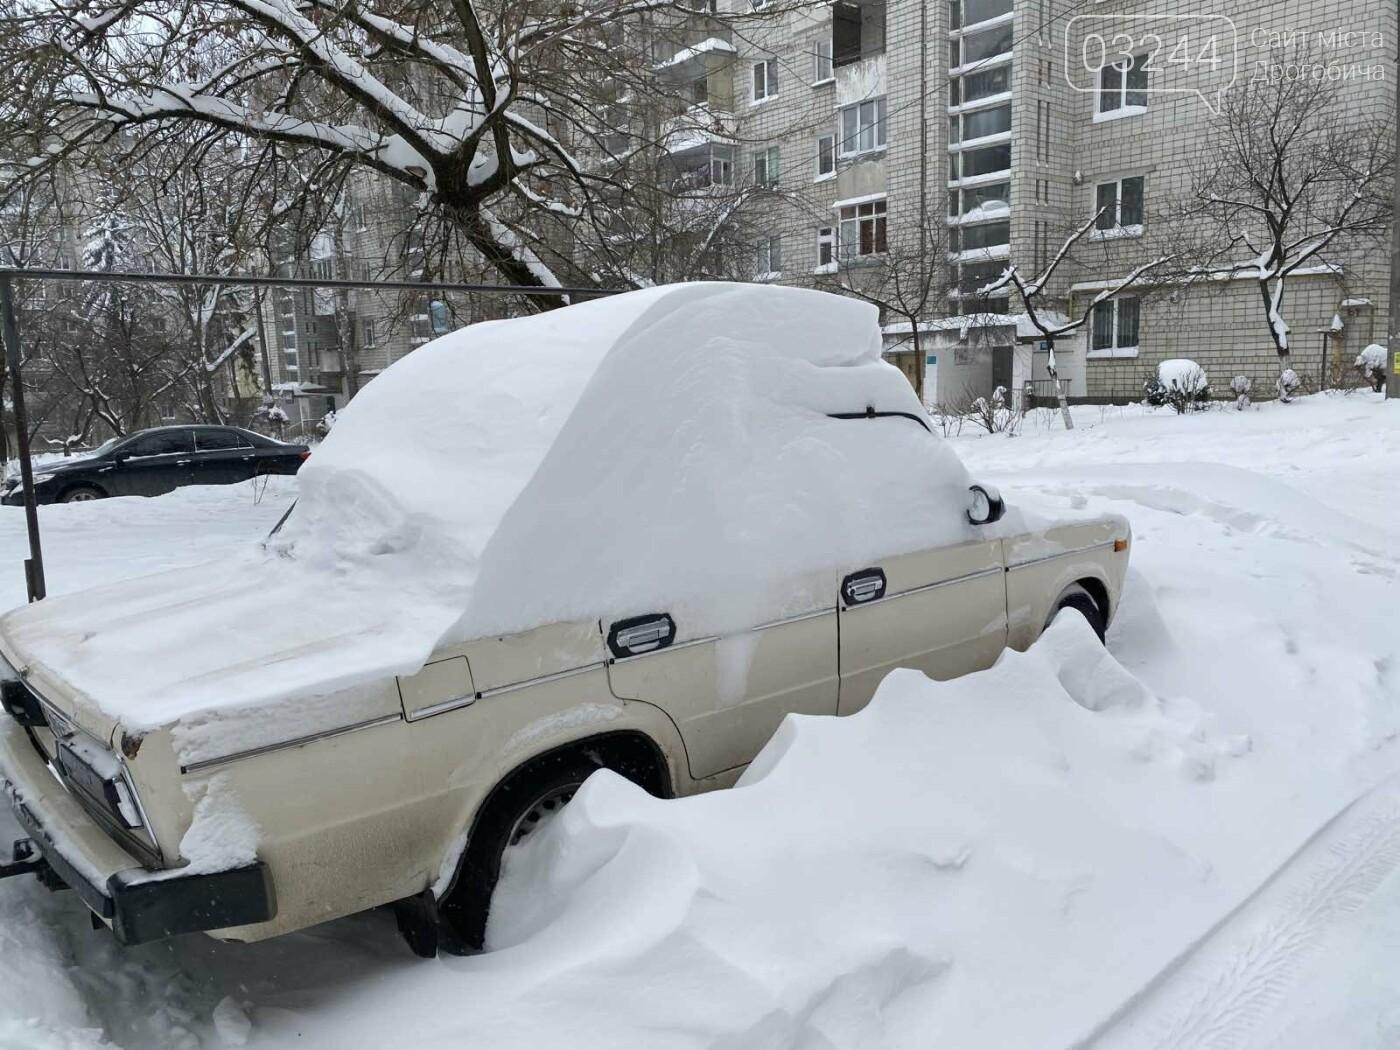 Притрусило: негода перетворила автівки, які не виїжджали кілька днів, на снігові кургани, - ФОТОРЕПОРТАЖ, фото-6